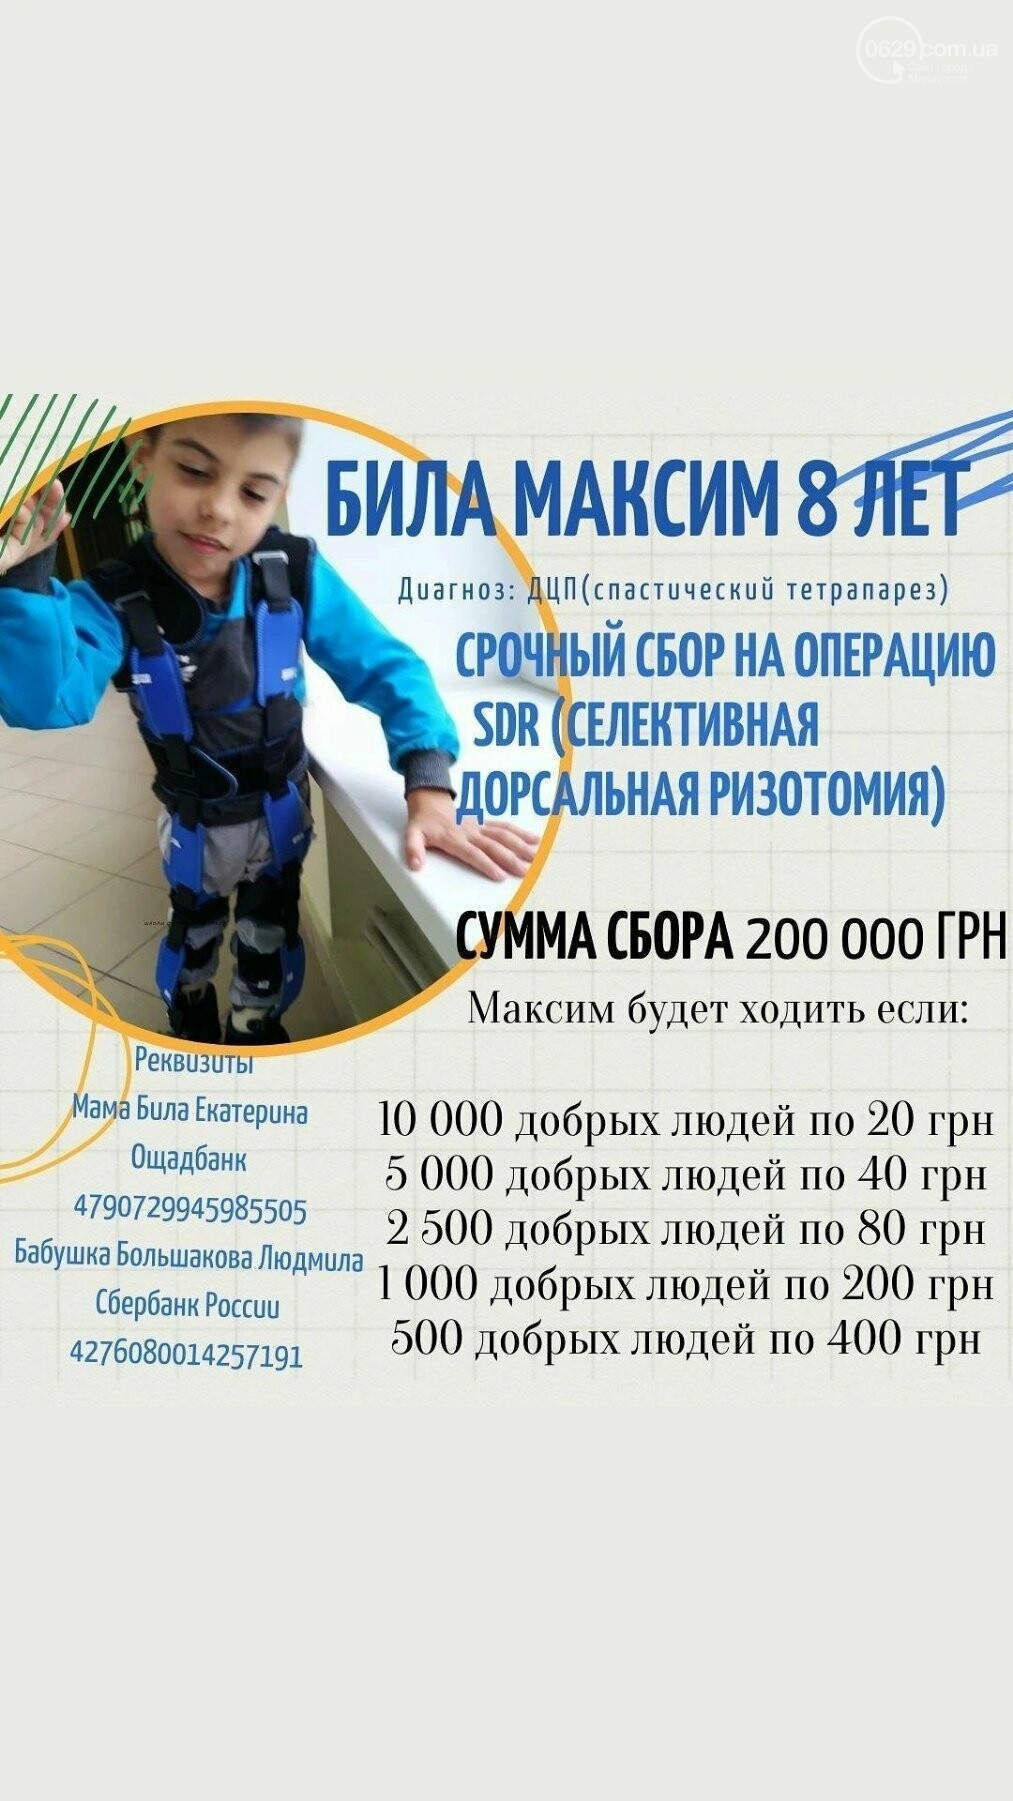 Он сможет ходить! В Мариуполе нужна помощь 8-летнему Максиму Биле, - ФОТО, фото-2